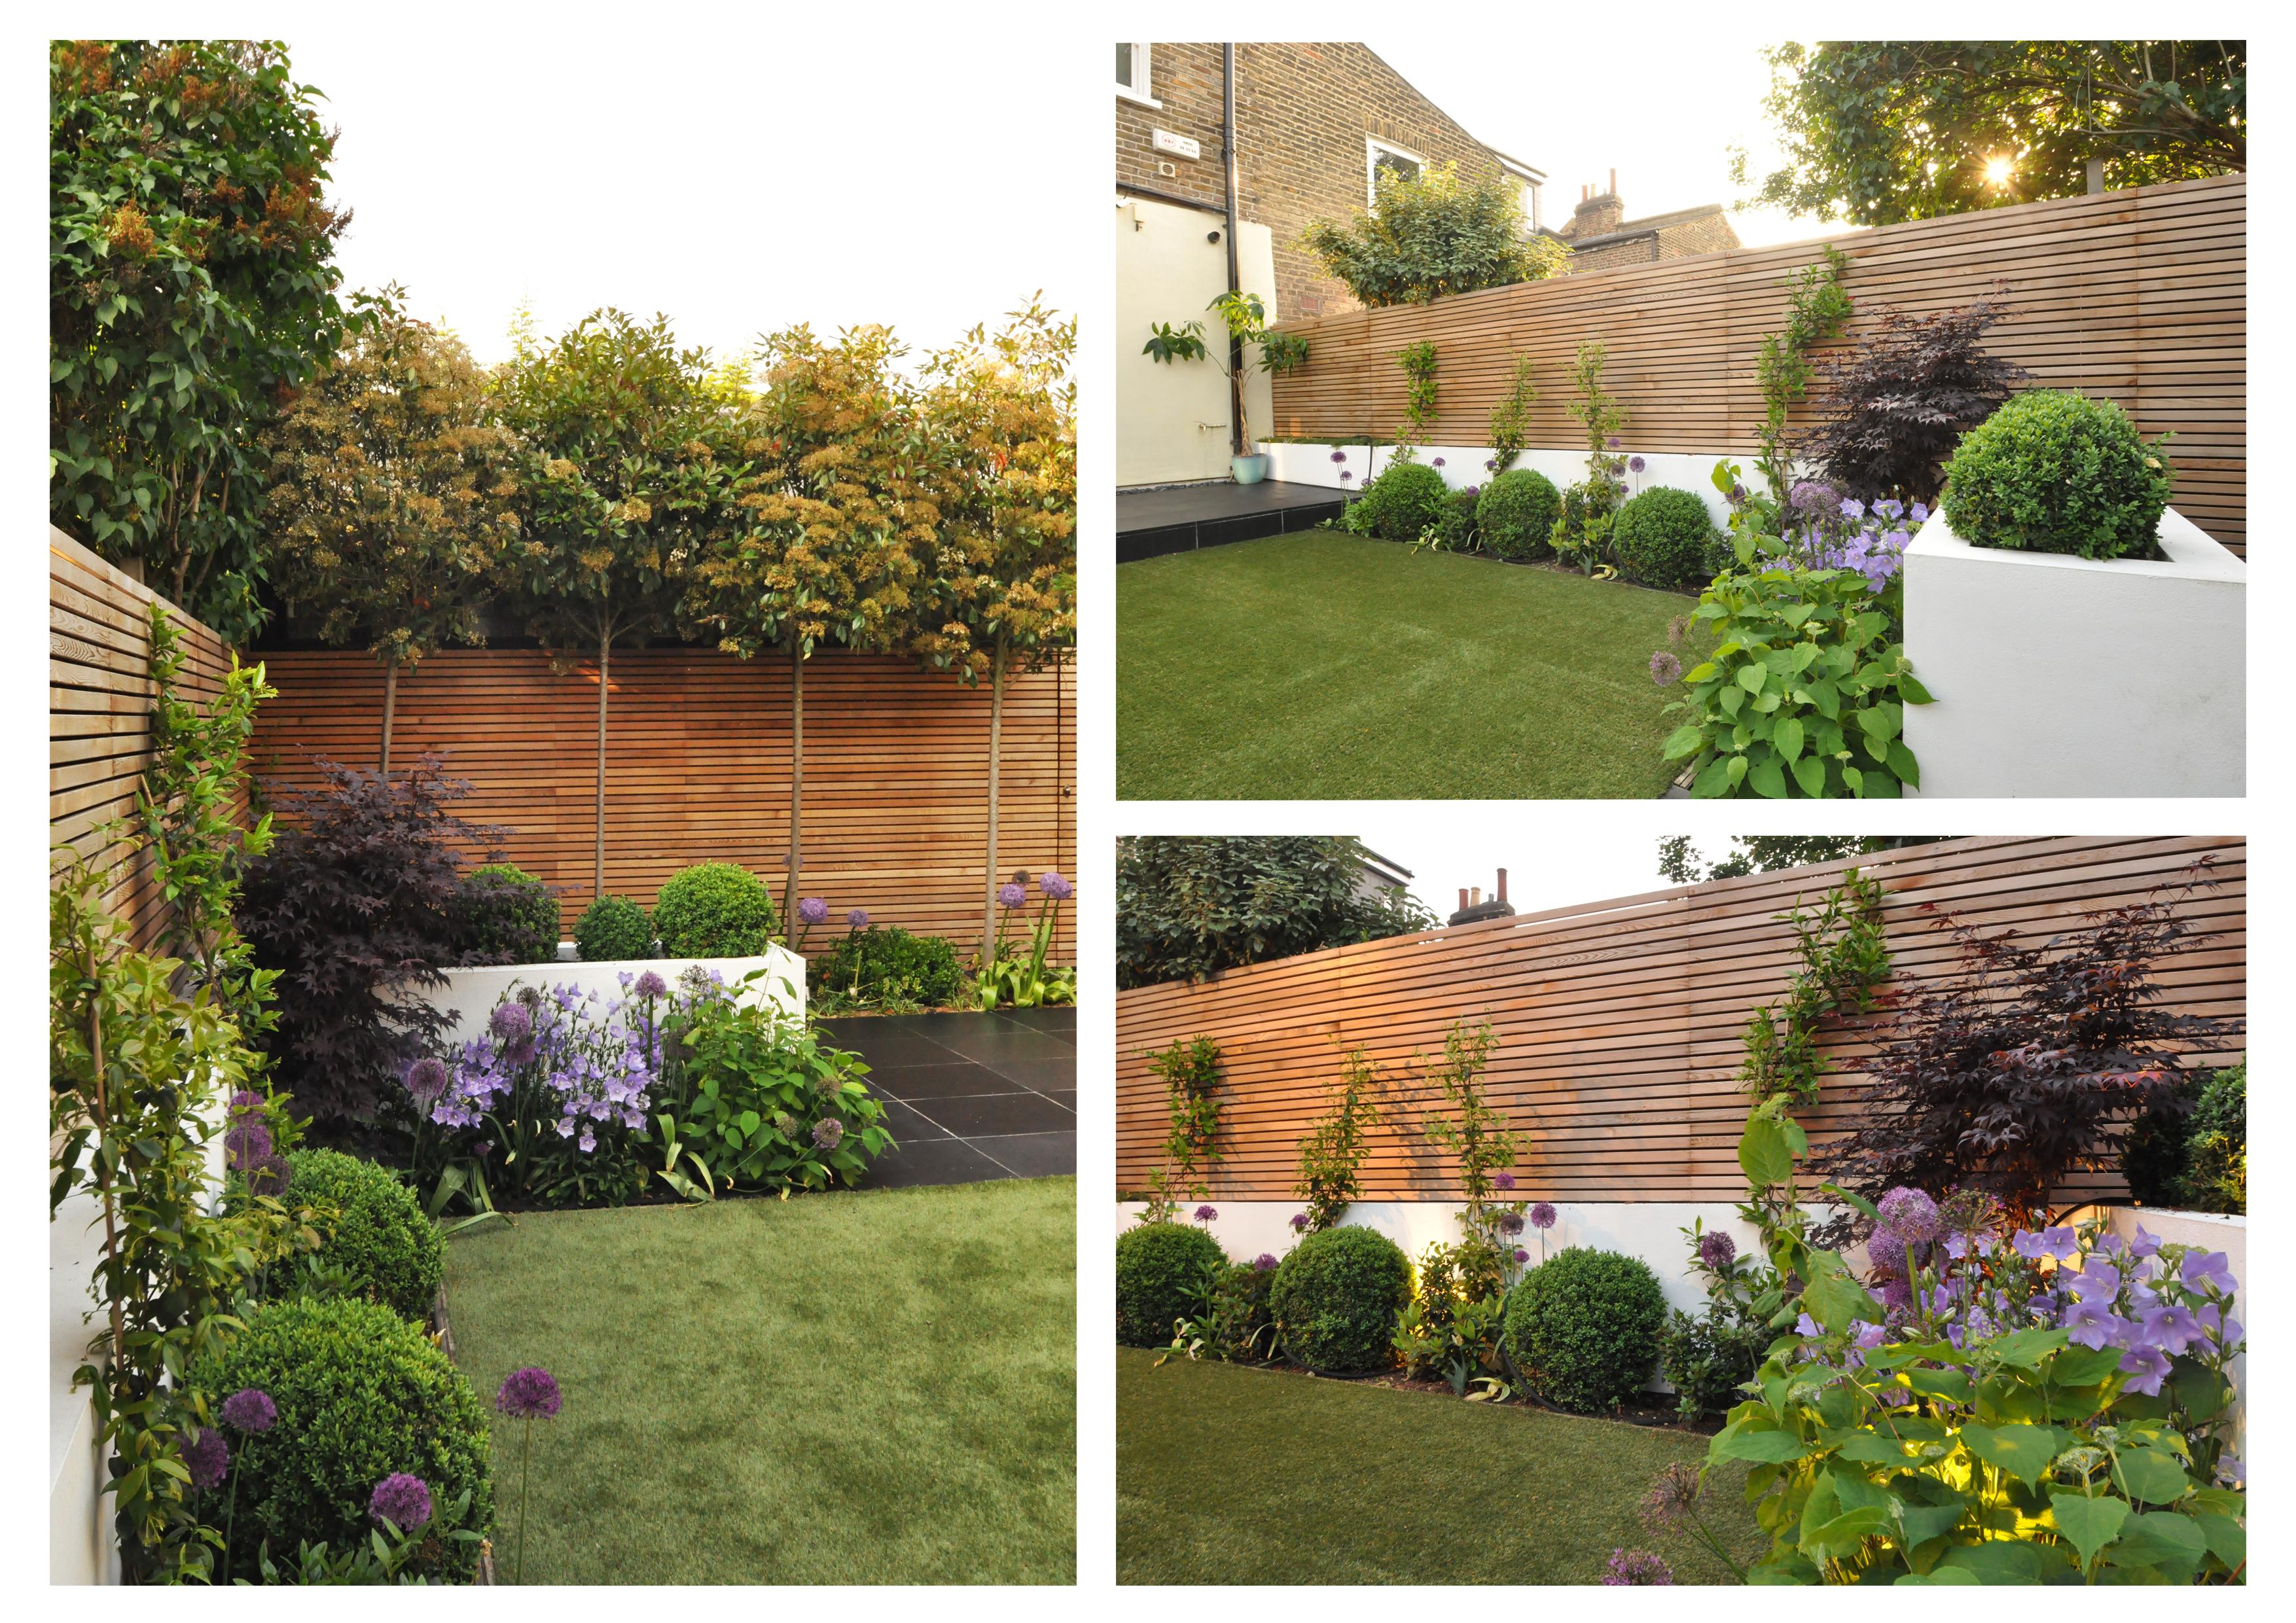 Contemporary london garden two patio design for Channel 4 garden design ideas